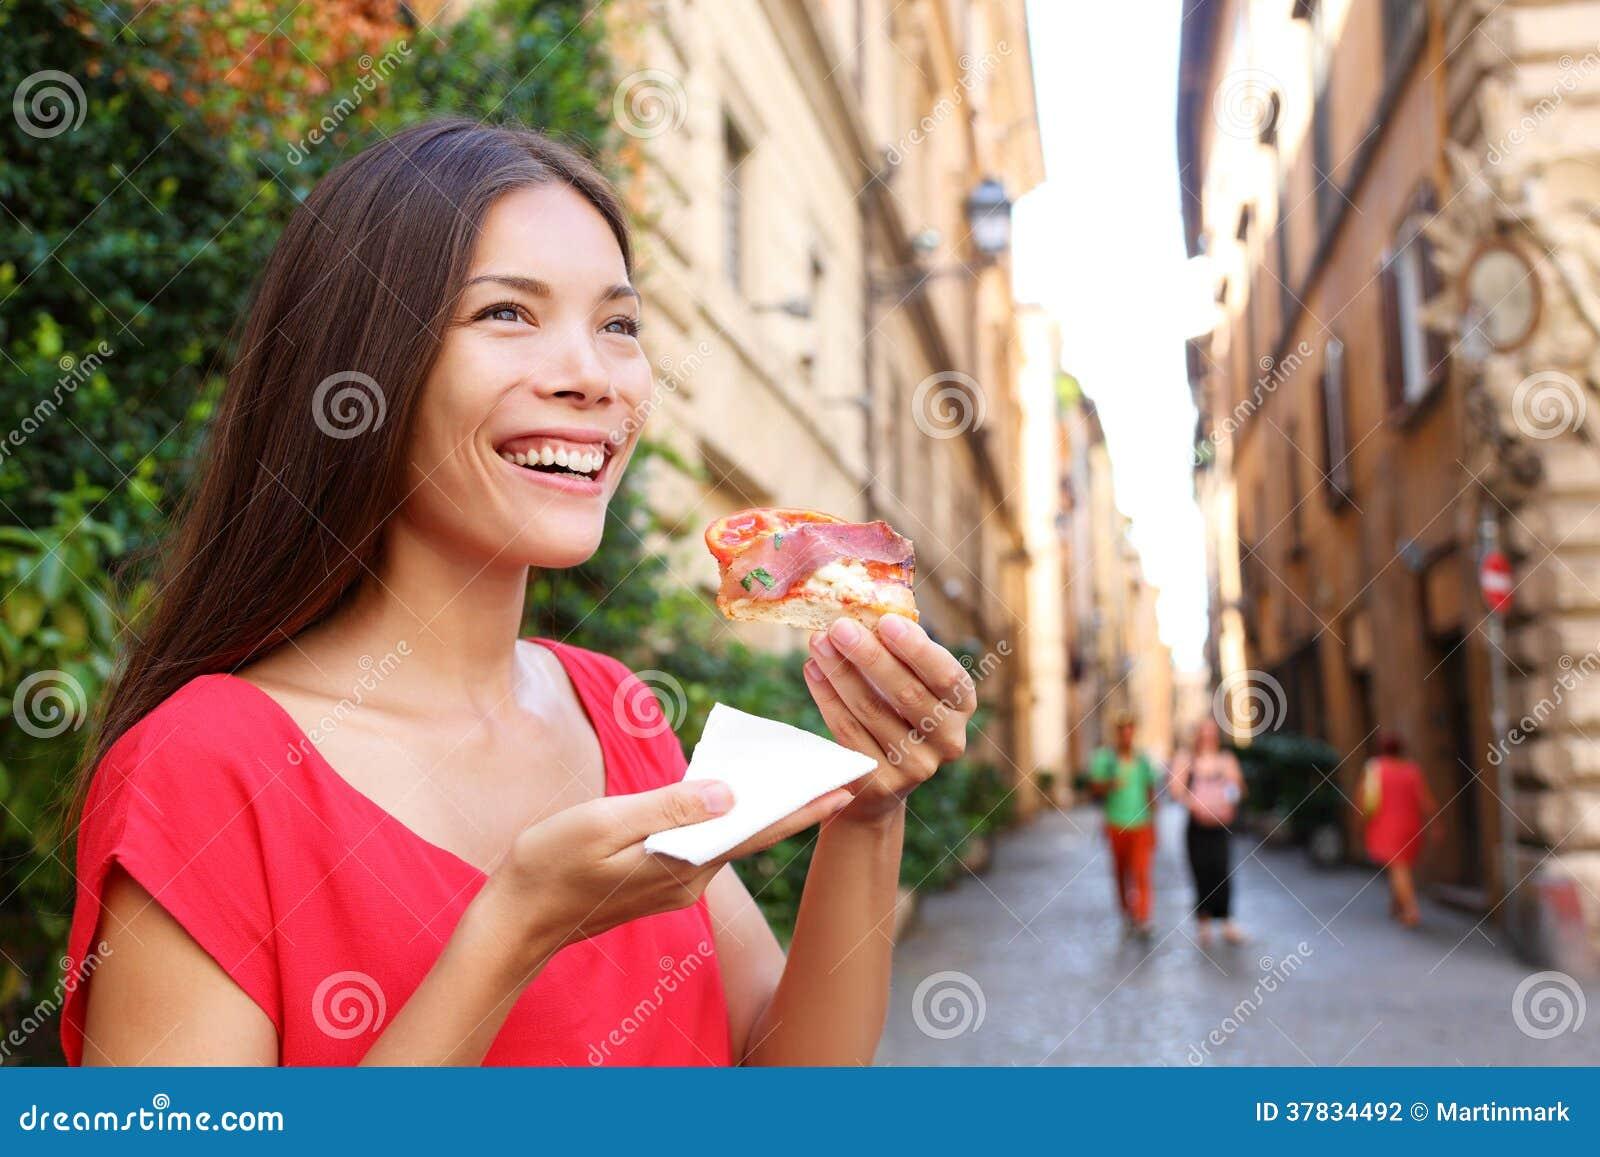 Donna della pizza che mangia la fetta della pizza a Roma, Italia